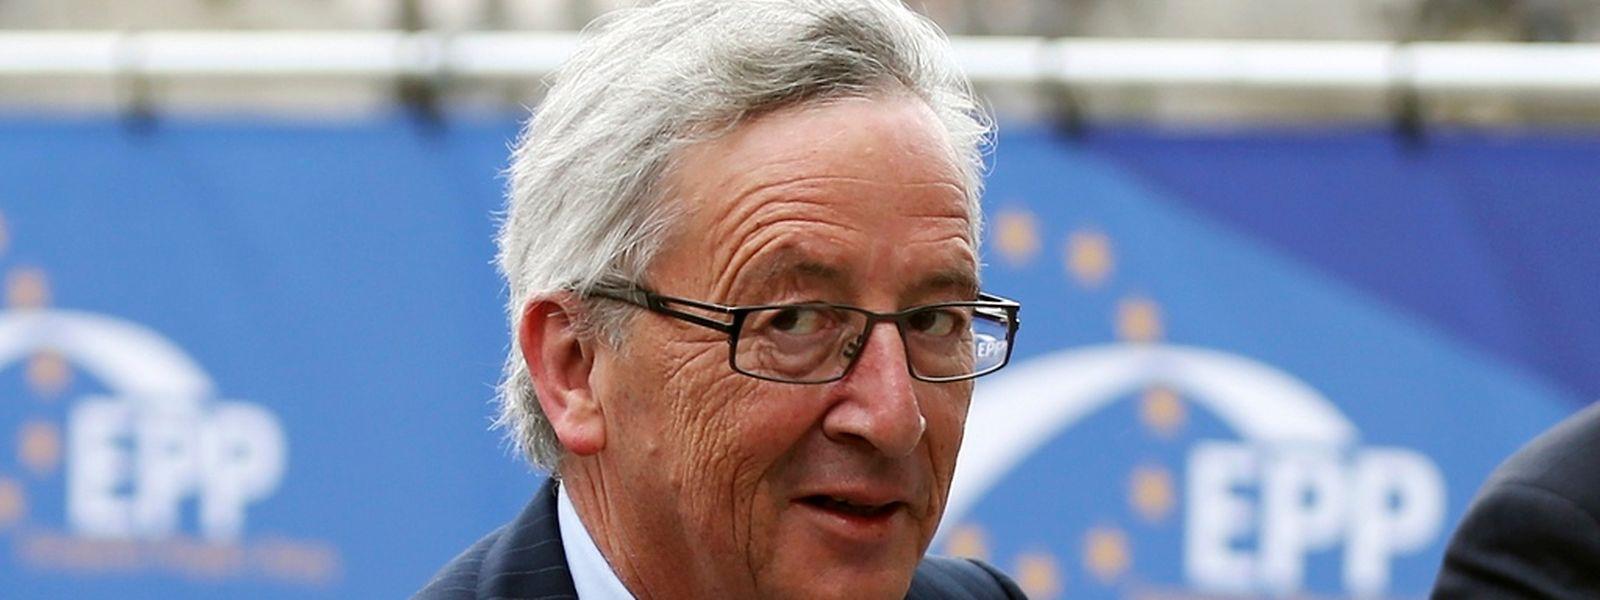 Jean-Claude Juncker à Bruxelles, mardi 27 mai